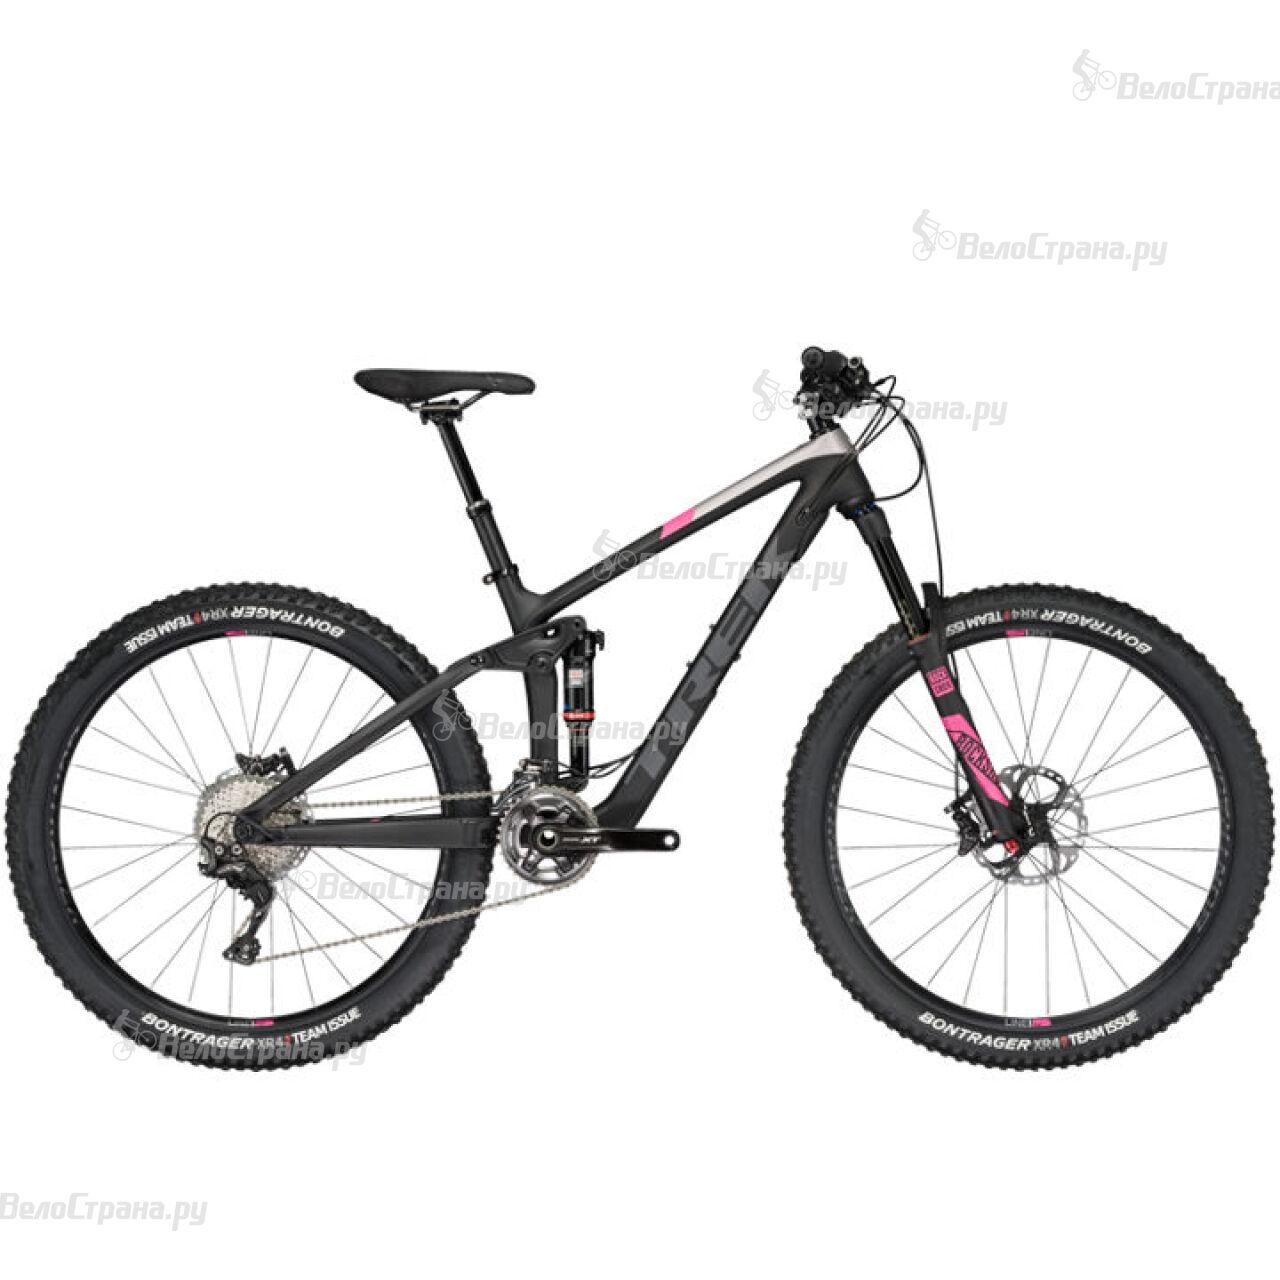 Велосипед Trek Remedy 9.8 27.5 WSD (2017) велосипед trek 820 wsd 2013